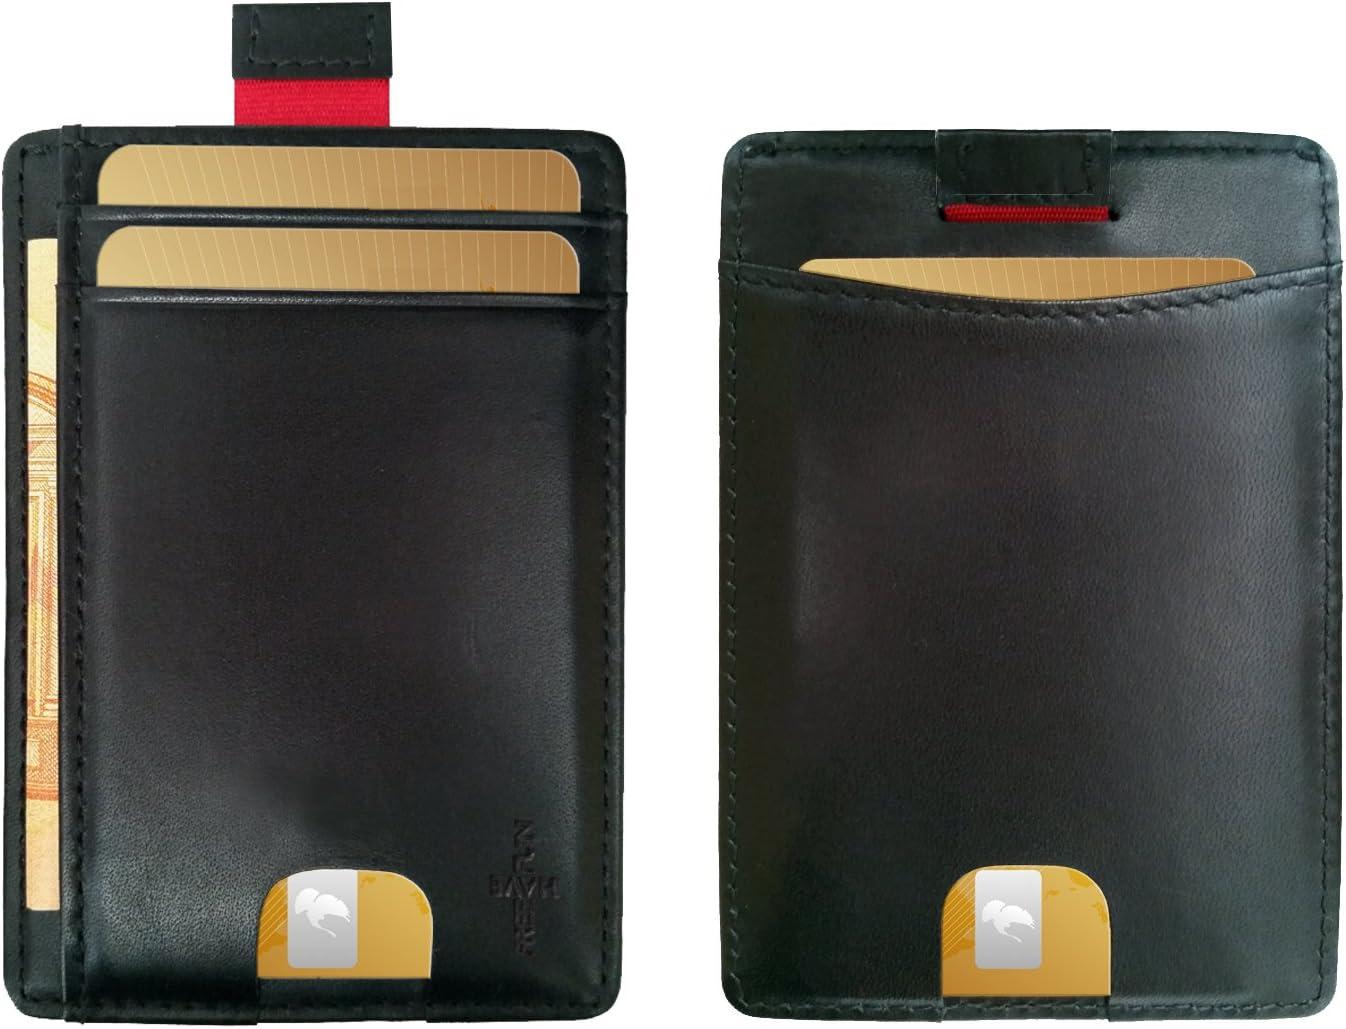 Kartenhalter klein Minimalist Wallet Herren Kreditkartenhalter Damen Kreditkartenetui NFC Schutz Portemonnaie Portmonee Mini Geldb/örse Slim FreeHaveFun/® RFID Blocker Kartenetui Carbon Look schwarz